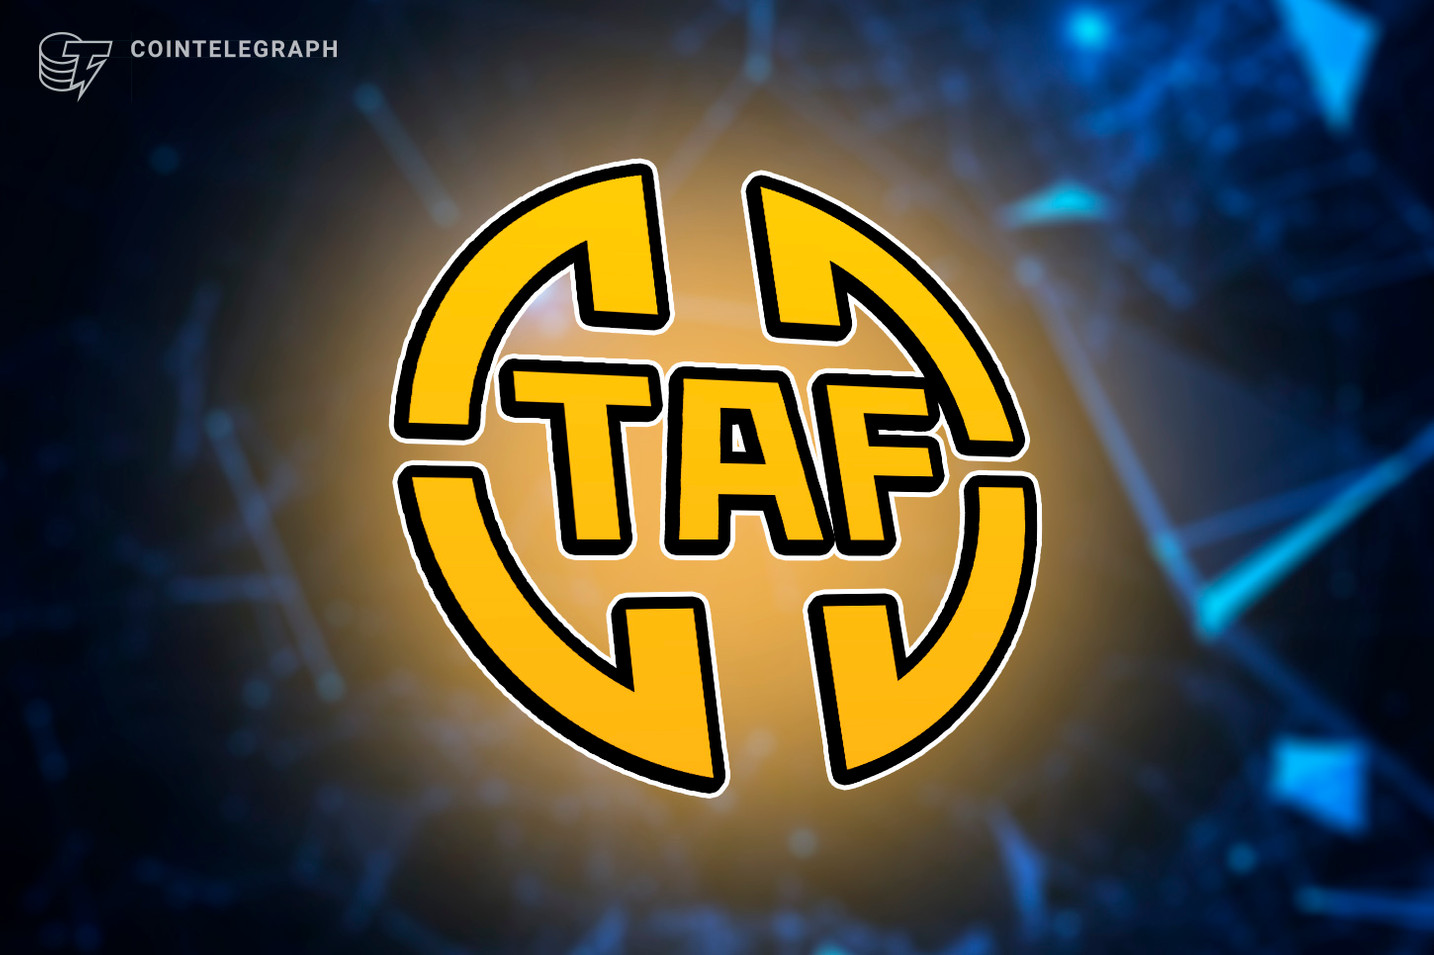 通过TAF Chain的各种商业应用连接价值